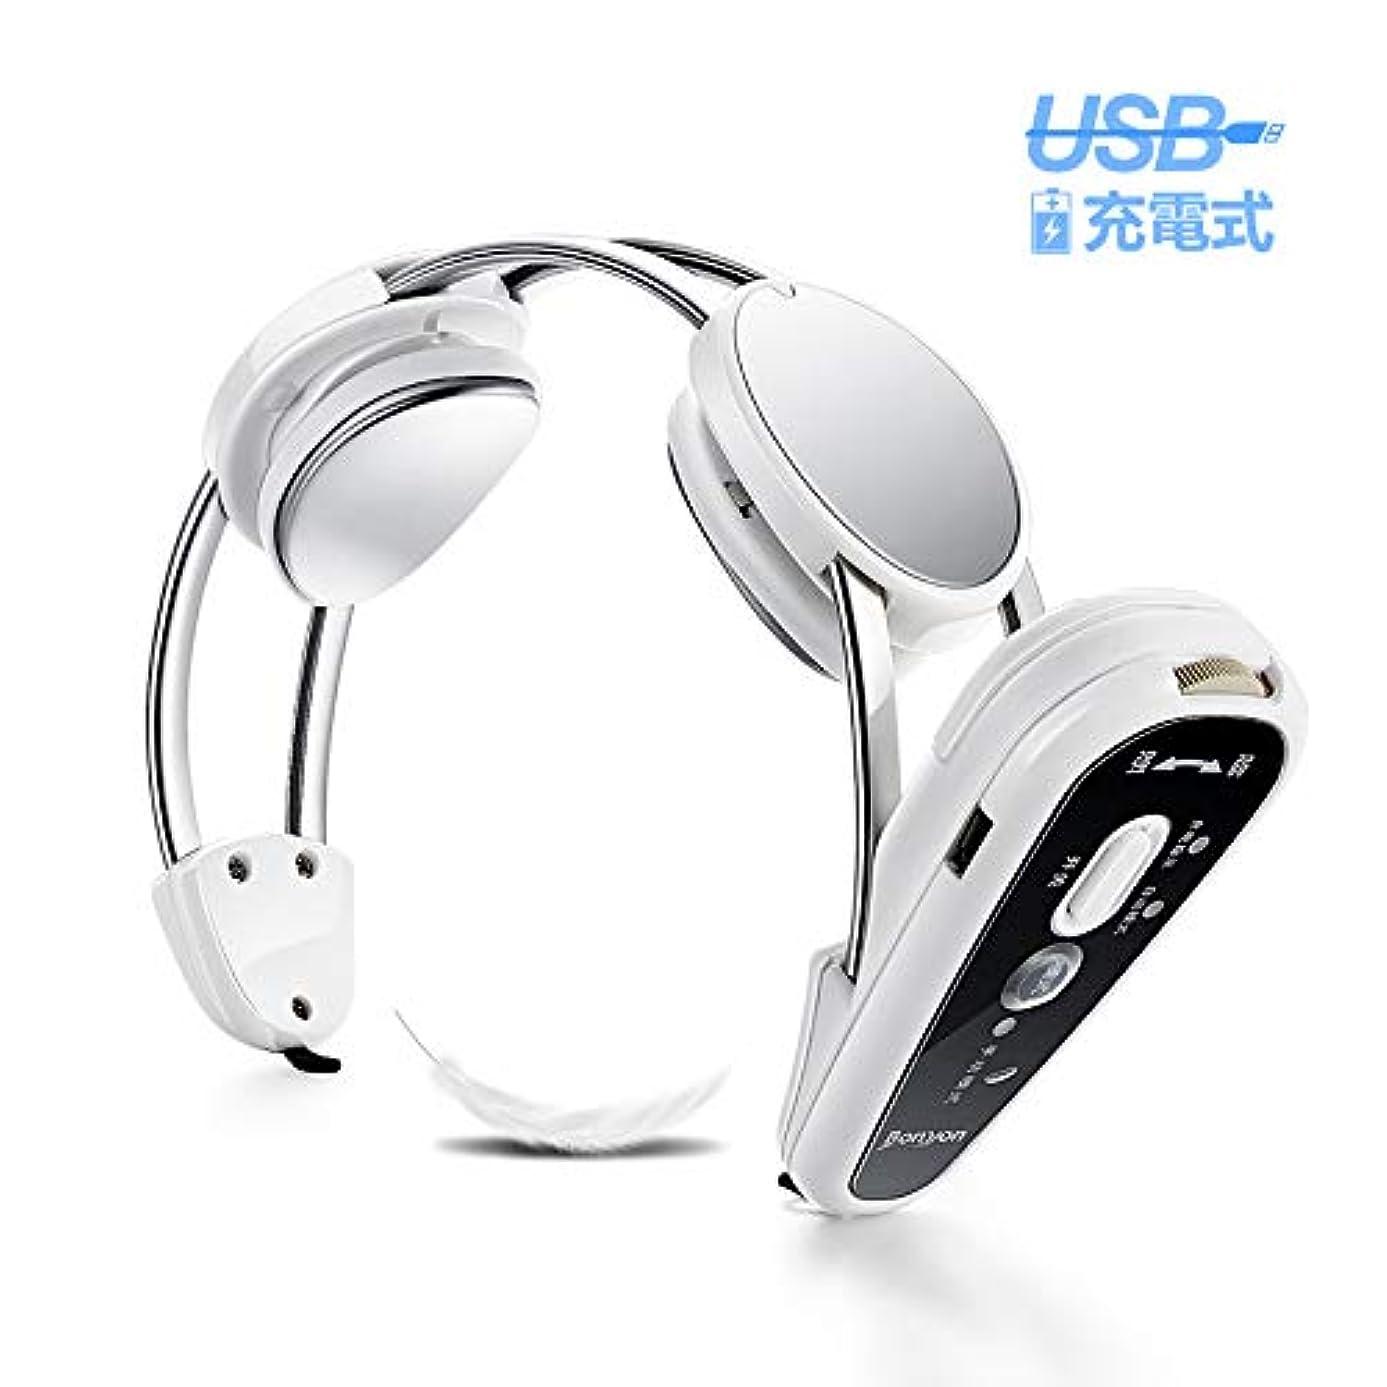 天のコーン傾向がある首マッサージャー マッサージ 器 USB 充電式 ネックマッサージャー 首 肩 肩こり ストレス解消 家庭用 車用 日本語説明書